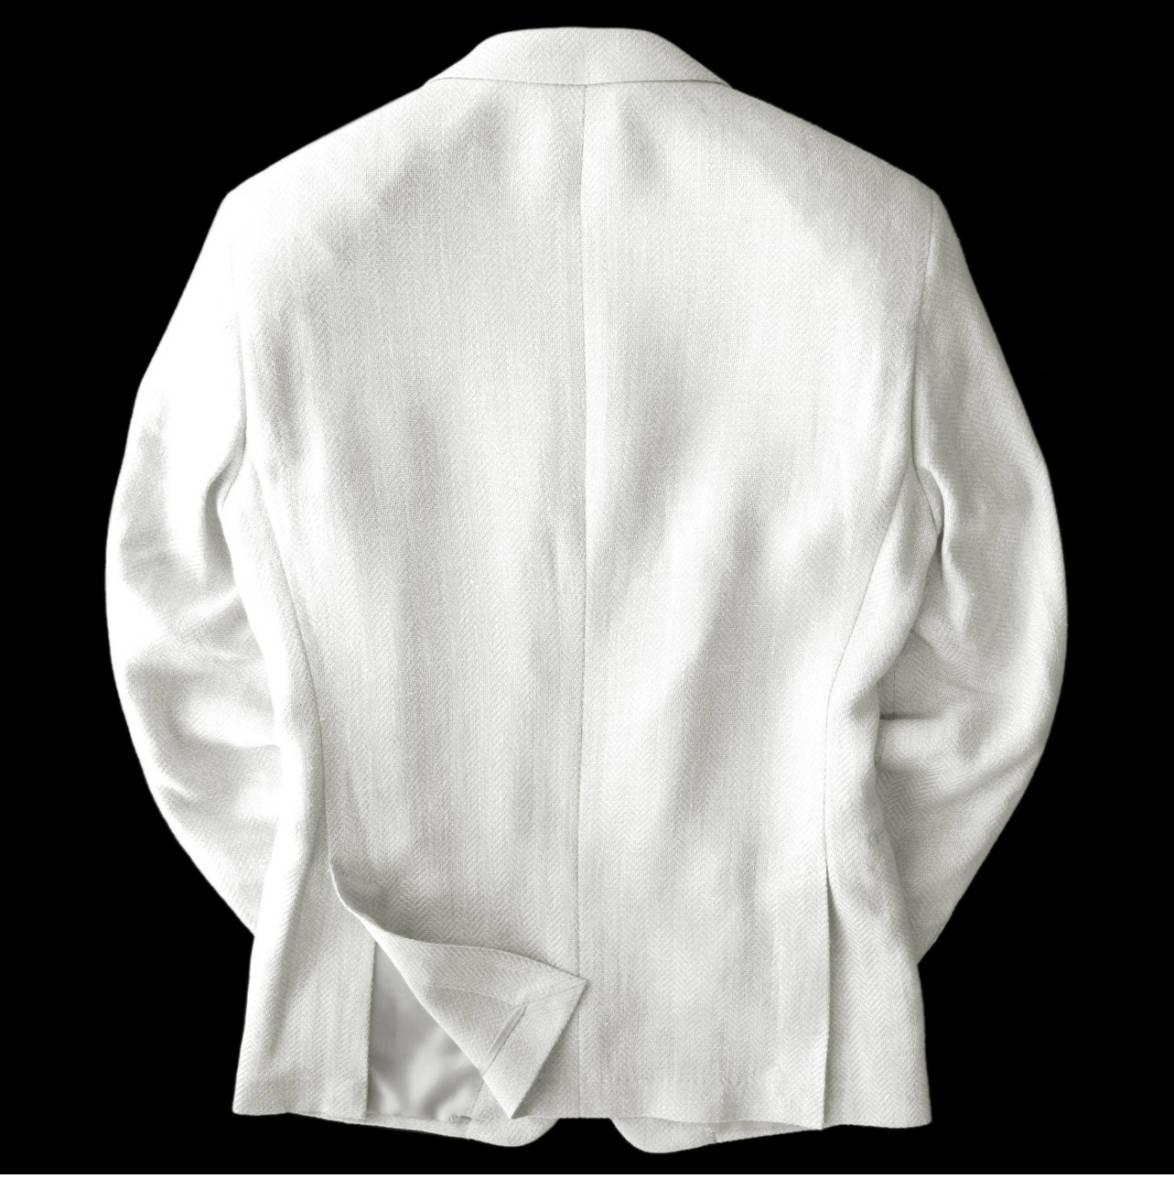 ◆新品 本物◆HUGO BOSS 2釦 ジャケット 14万円 ◆◆ イタリア製 ピアチェンツァ 高級服地使用 ◆◆_画像2